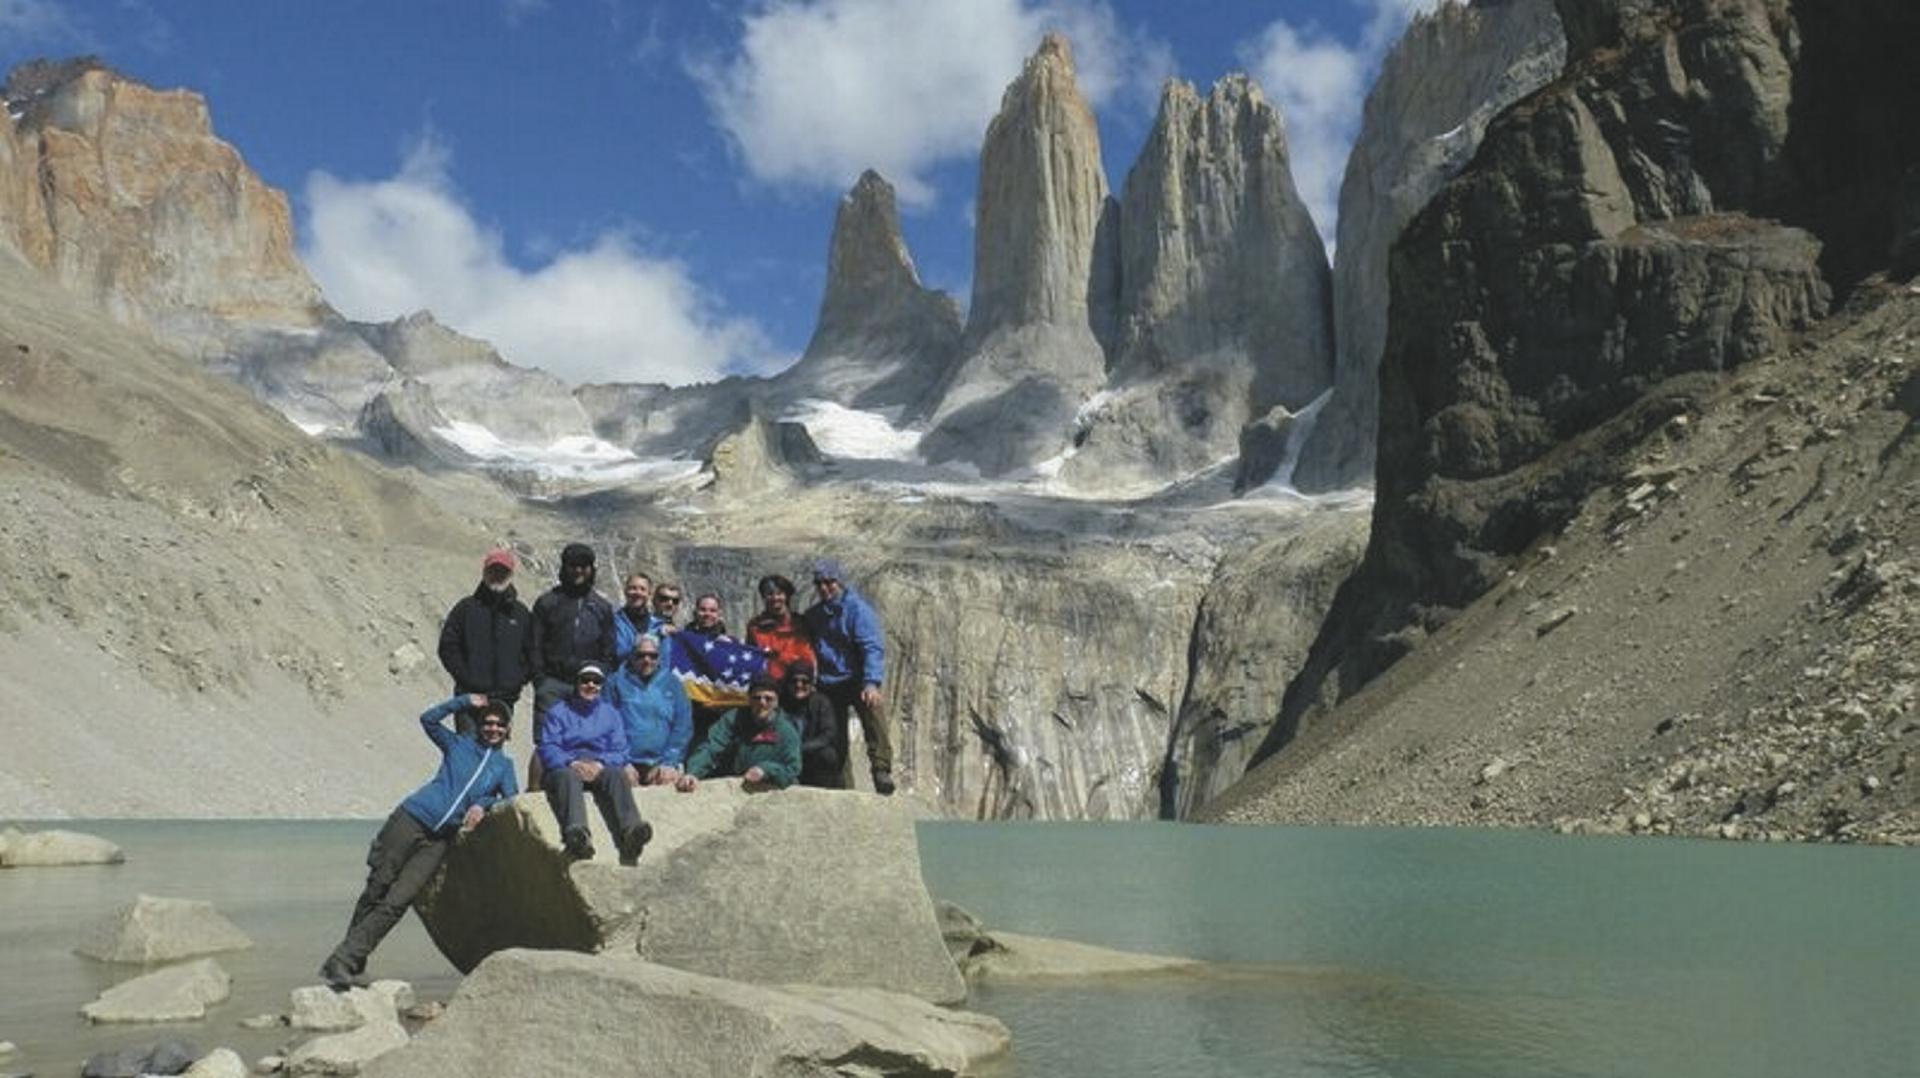 Die Türme im Nationalpark Torres del Paine